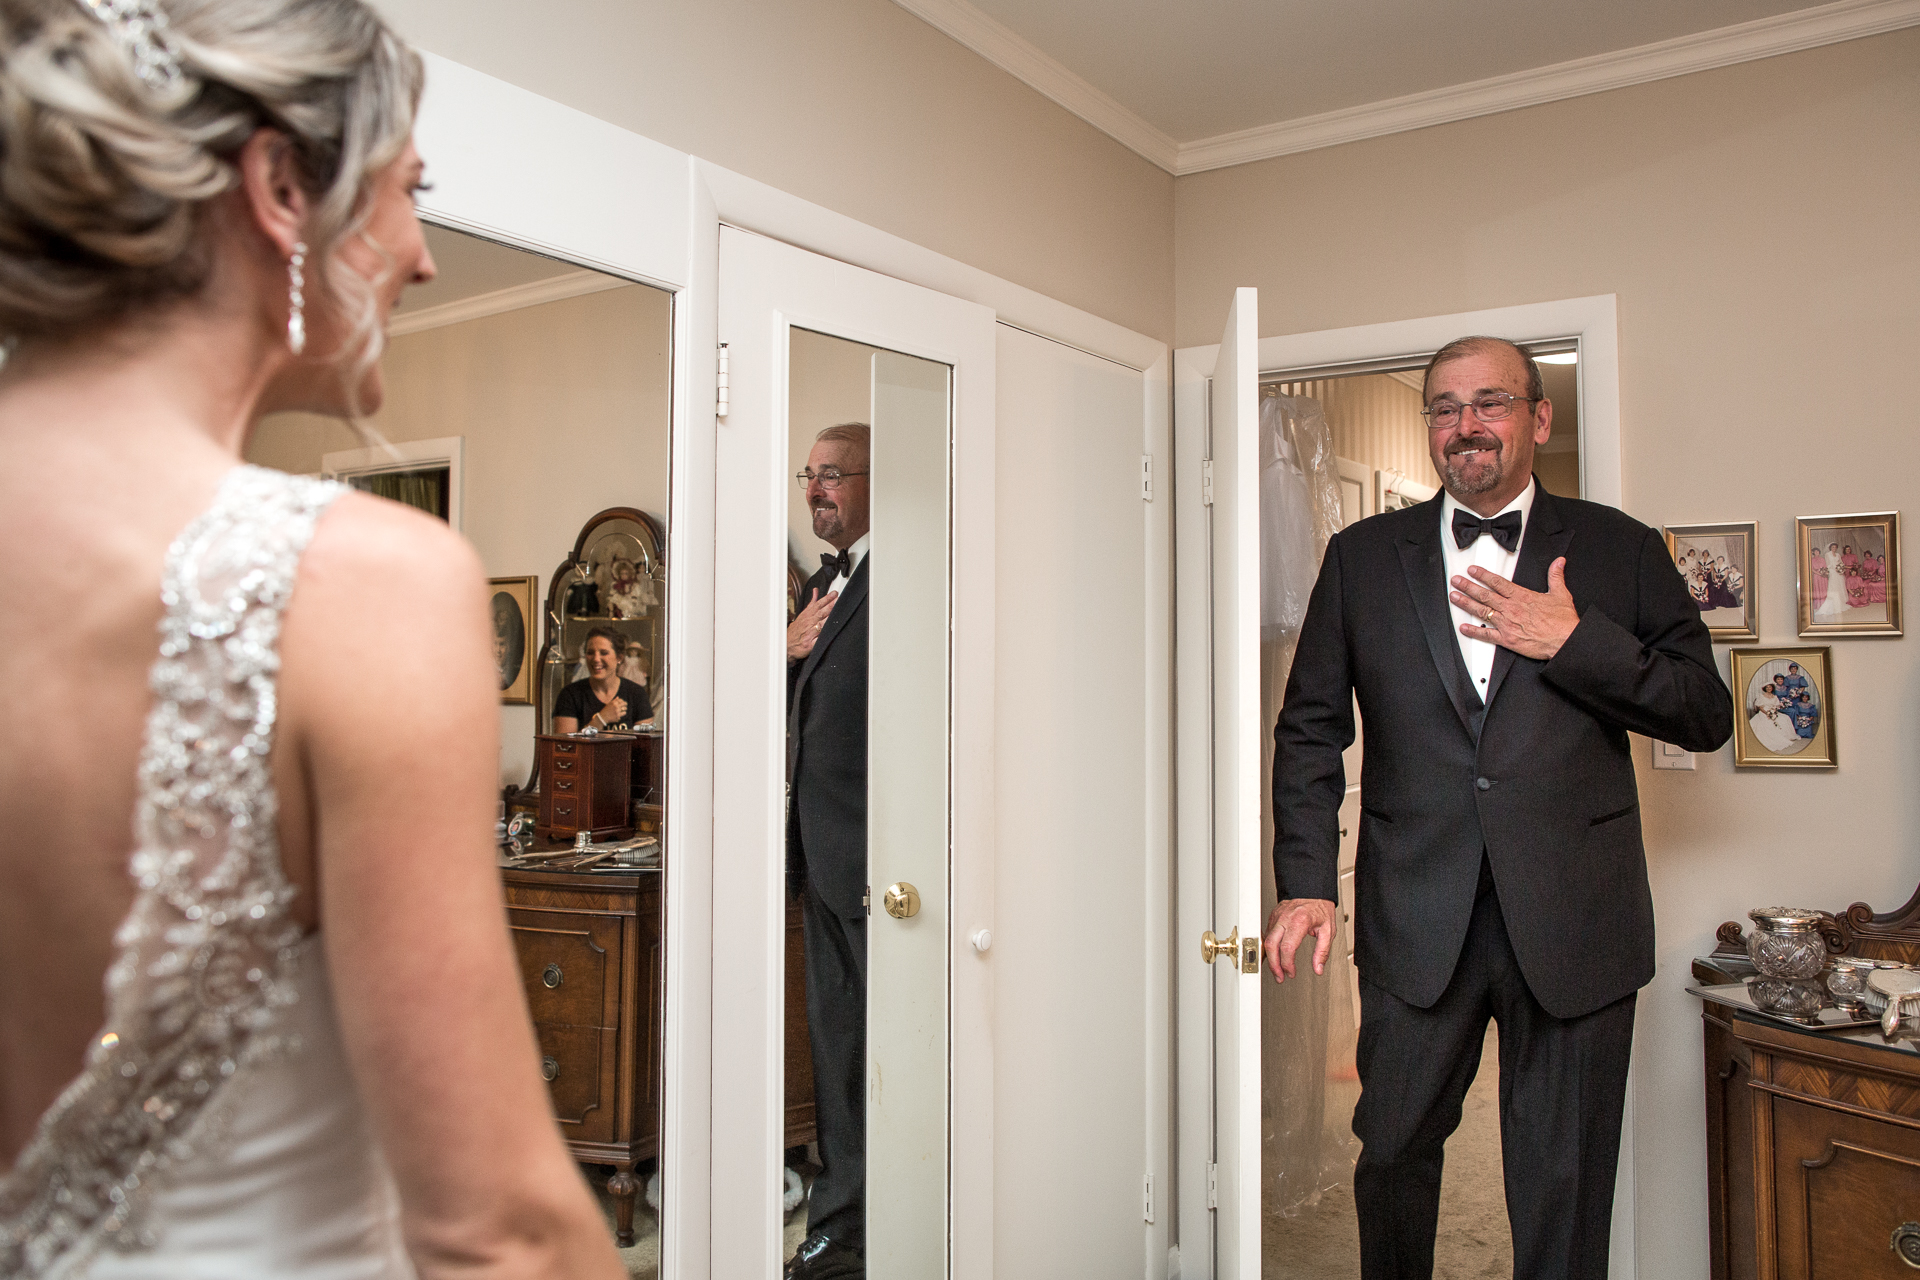 De vader en de bruid kijken eerst. Emotionele momenten met ouders vastgelegd door een goede trouwfotograaf.